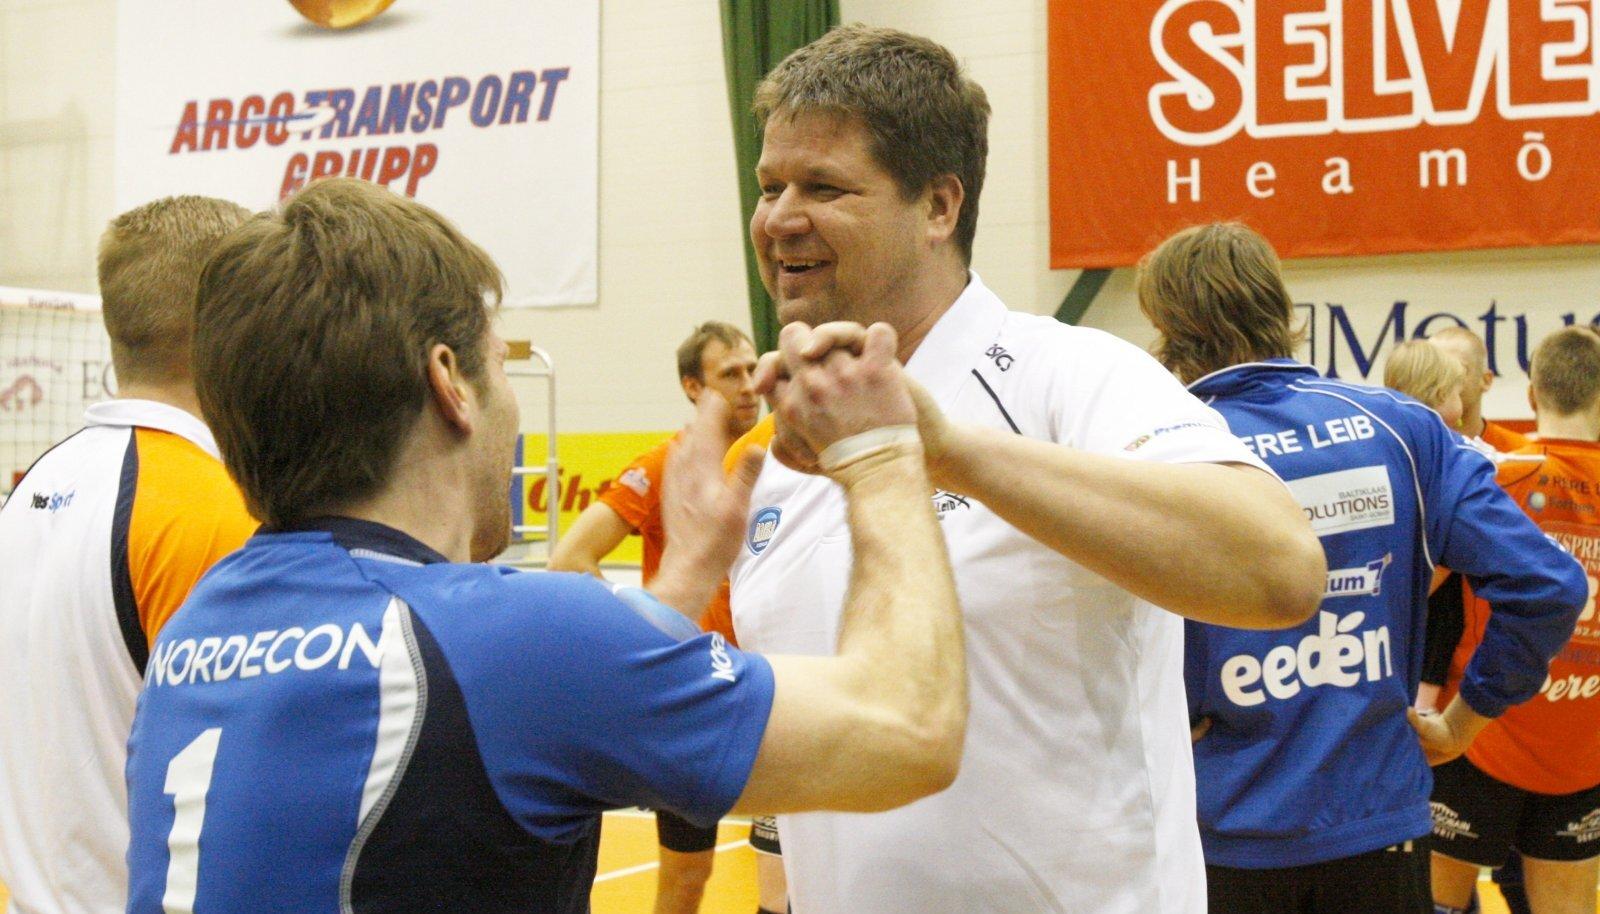 Rait Rikberg ja Alari Jõesaar rõõmustavad 2012. aastal, kui Tartu murdis Tallinna Selveri hegemoonia.